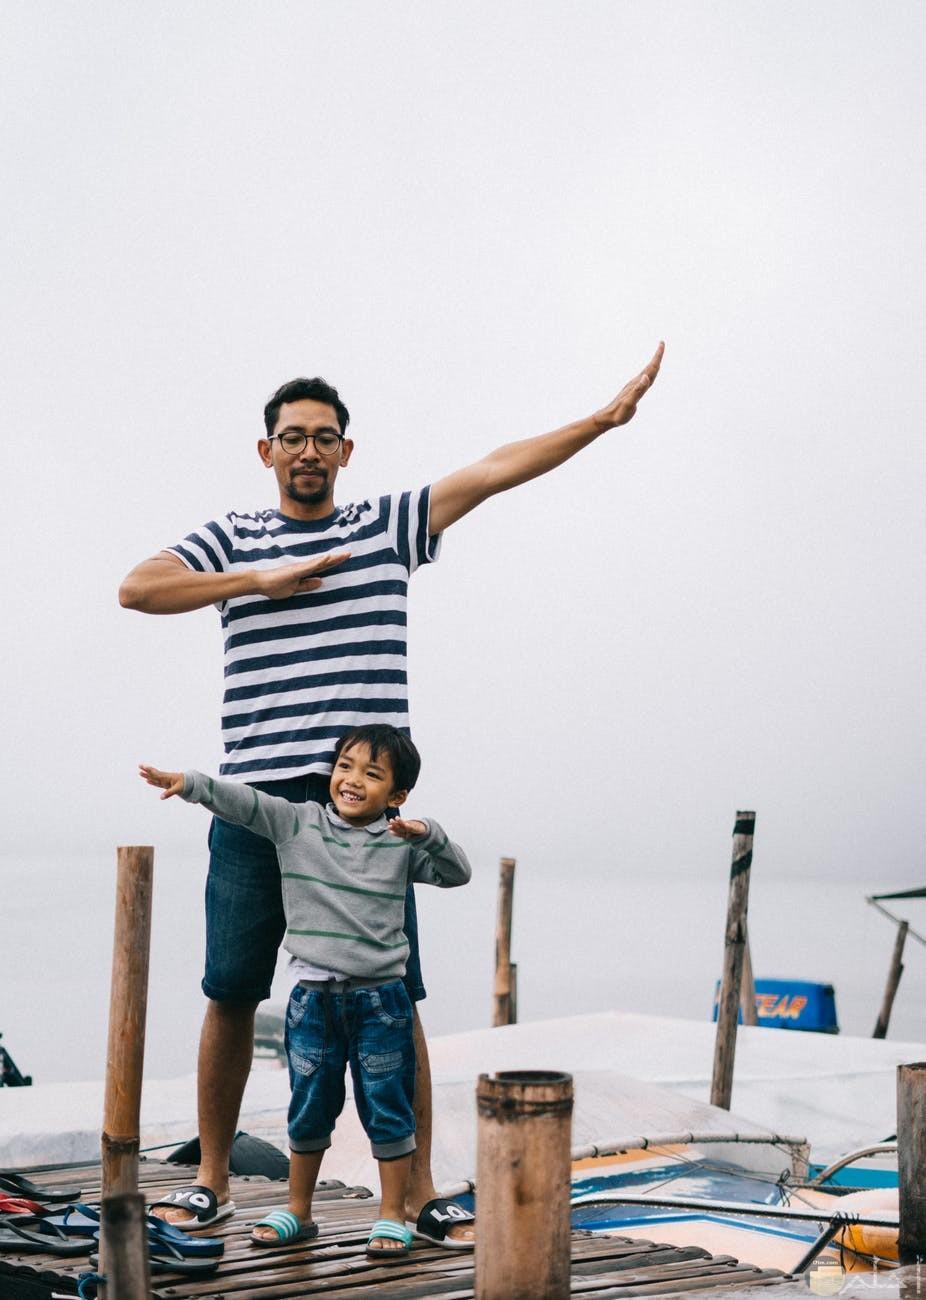 صورة اب يلعب مع ابنه صورة مميزة